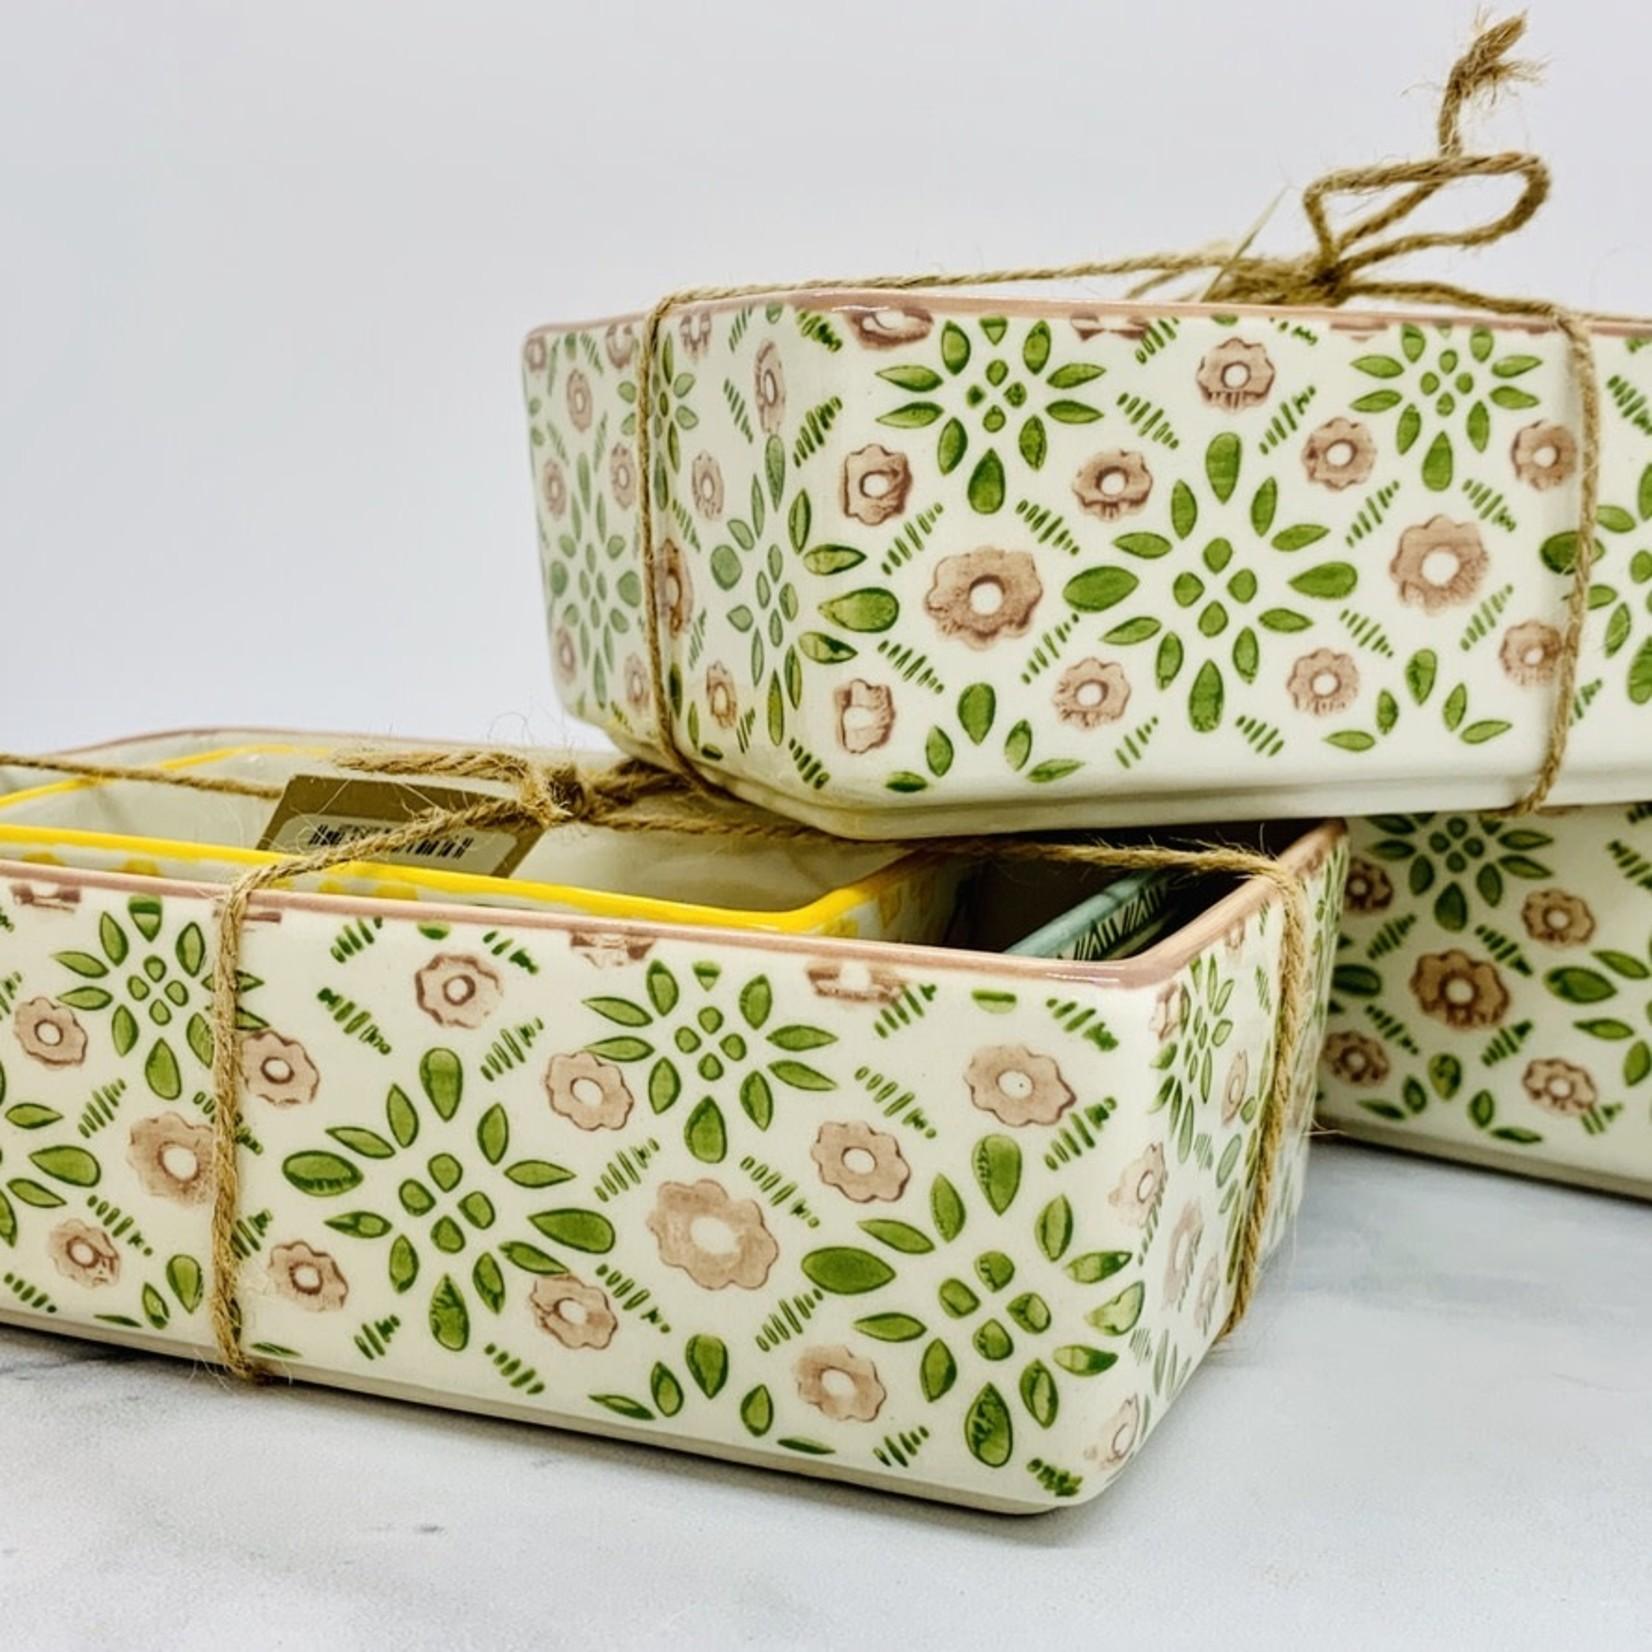 Hand Stamped Stoneware Ramekins w/ Patterns